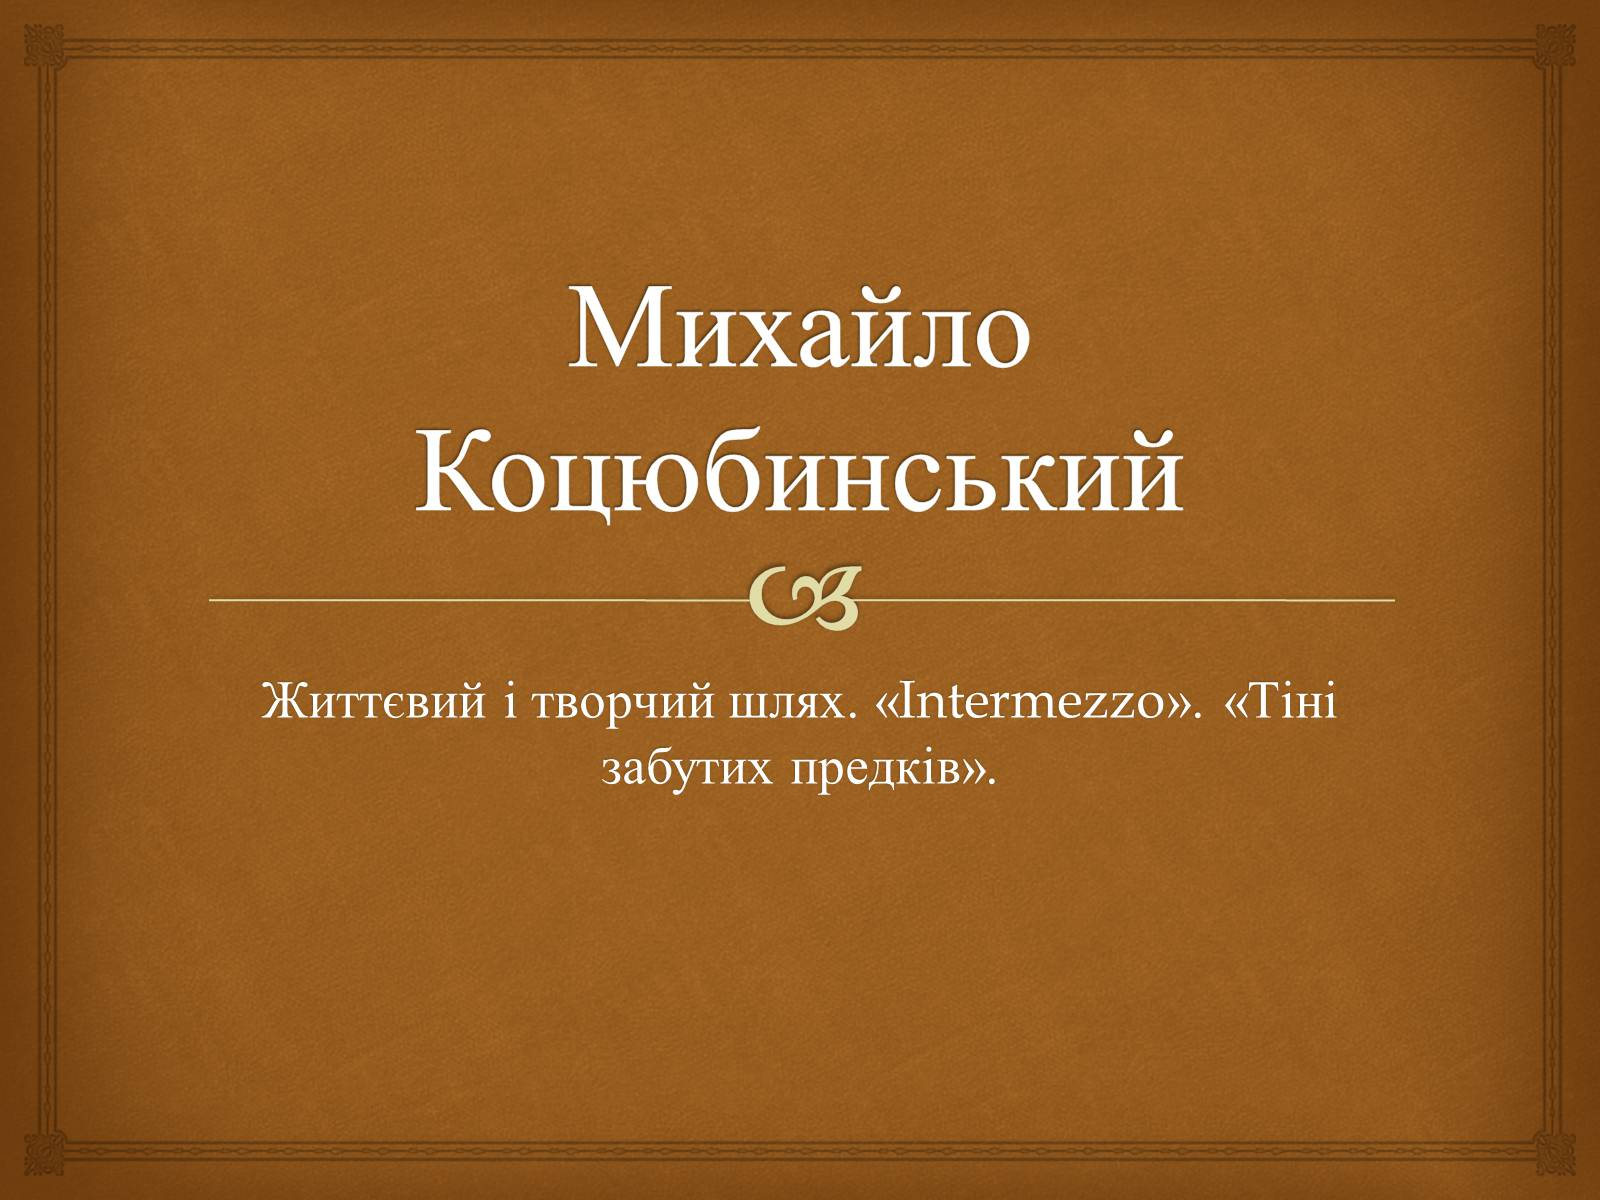 коцюбинський михайло михайлович фото